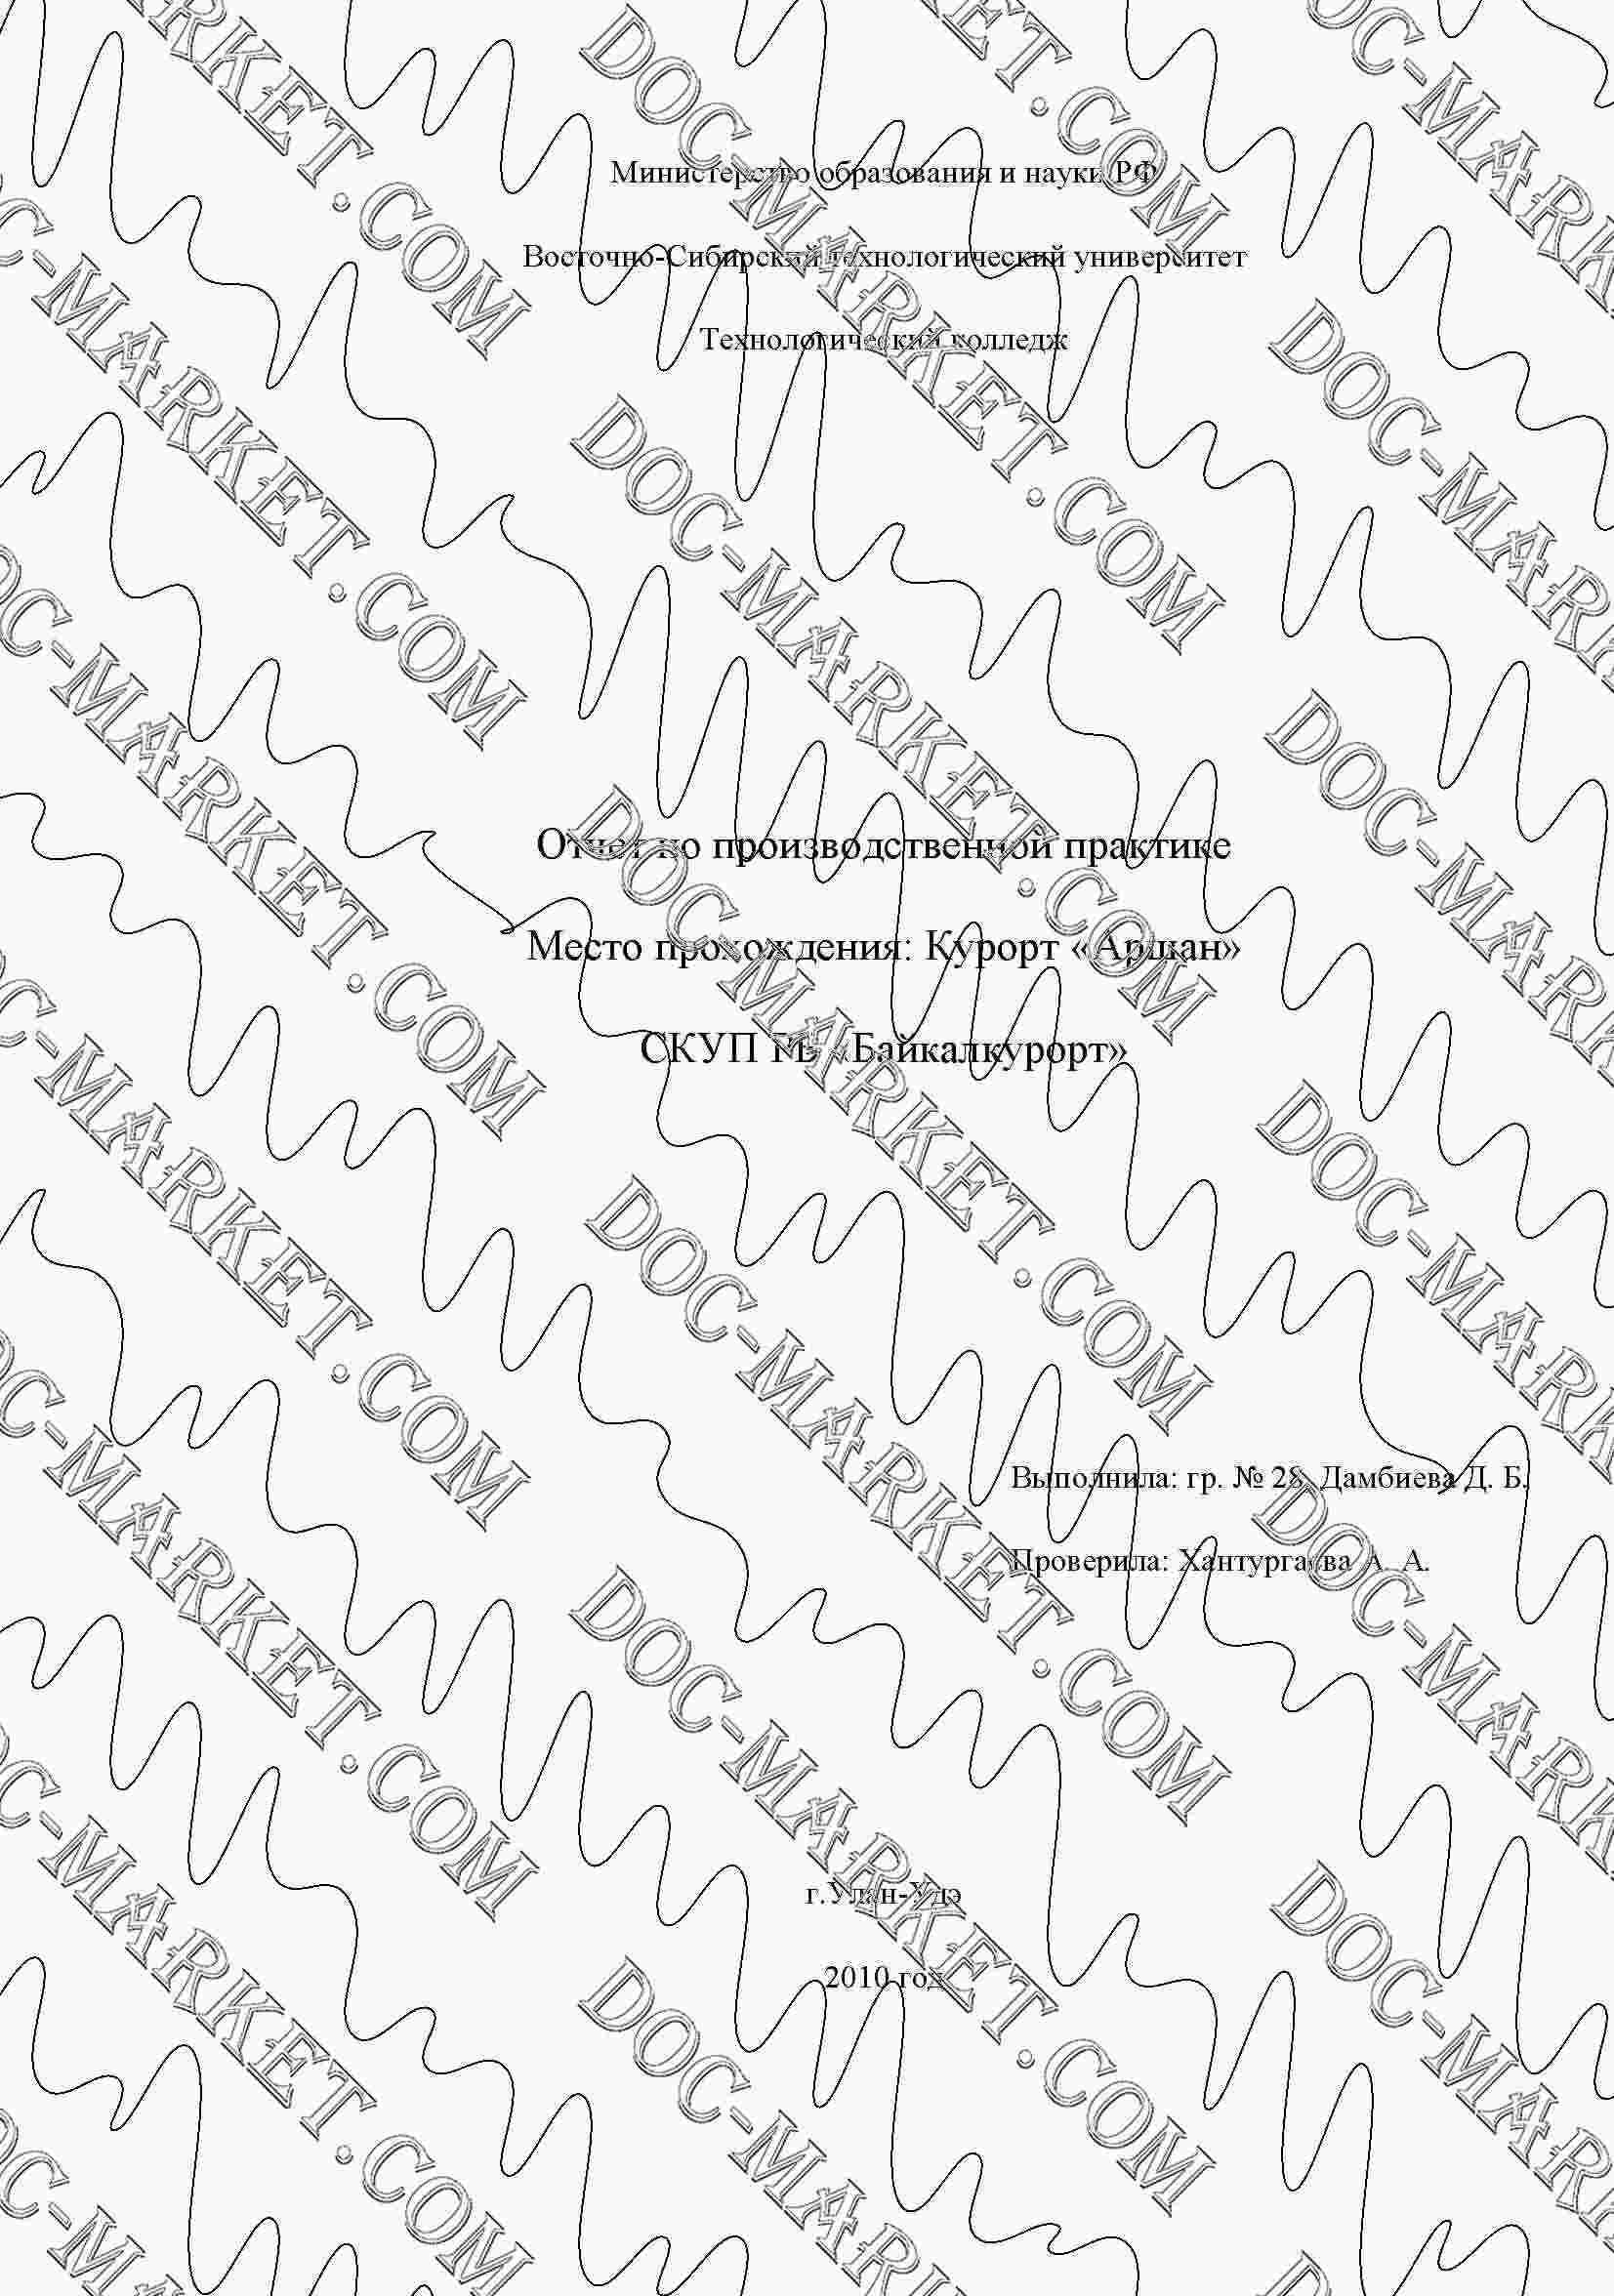 Образец заполнения График Документооборота